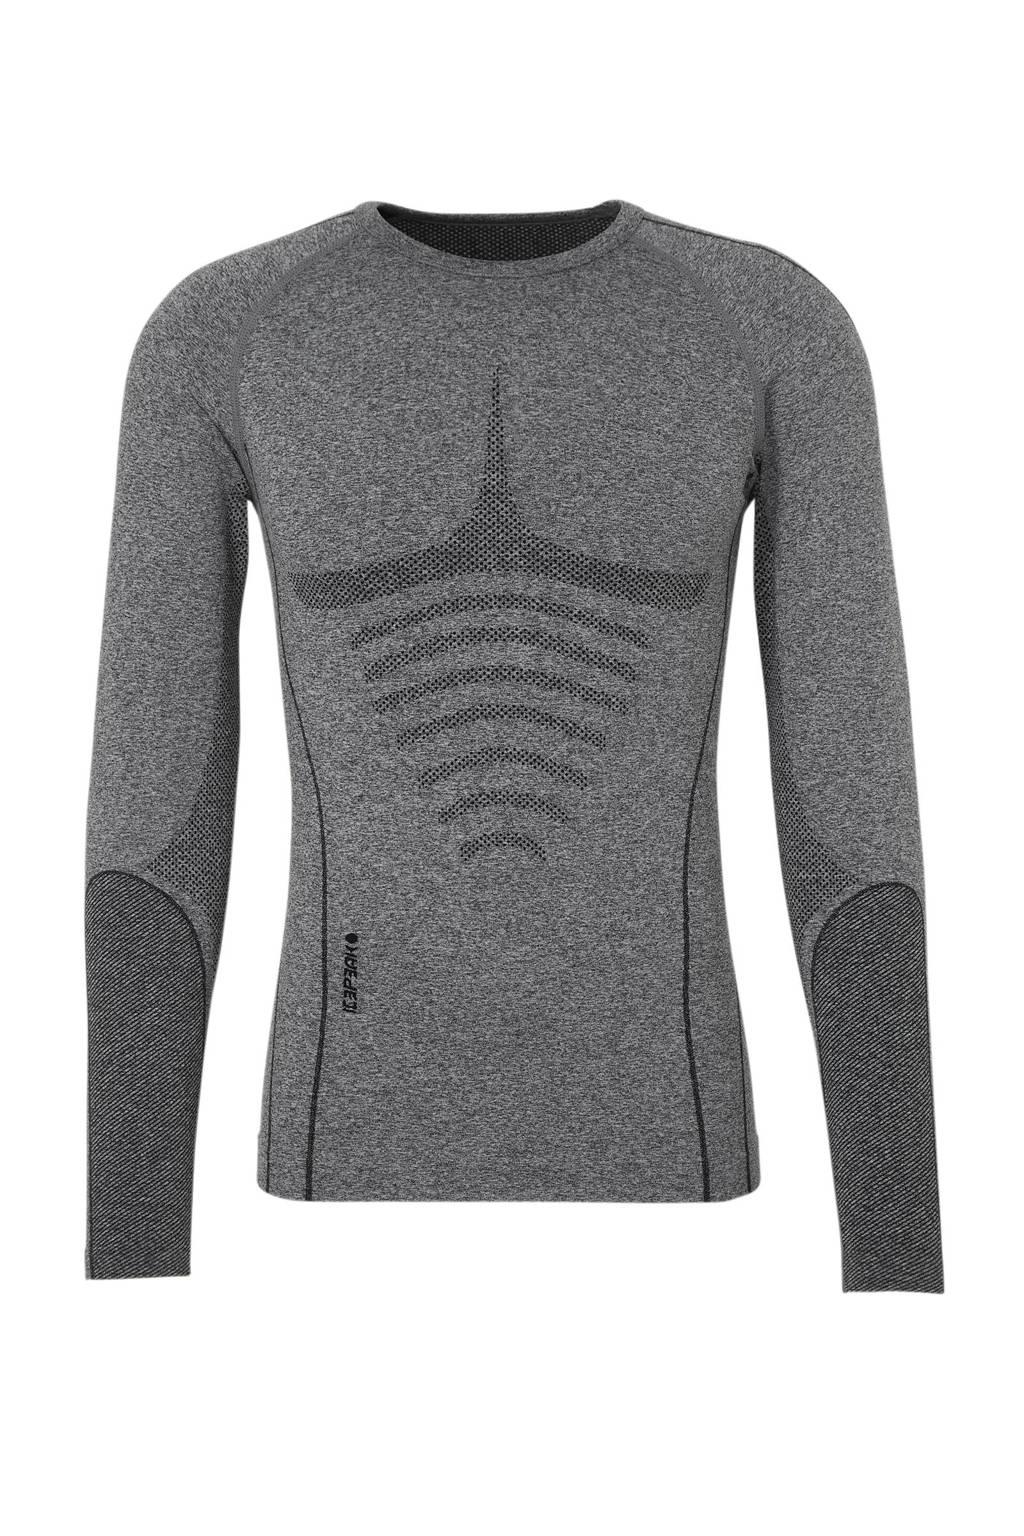 Icepeak thermoshirt Ischua grijs, Grijs/zwart